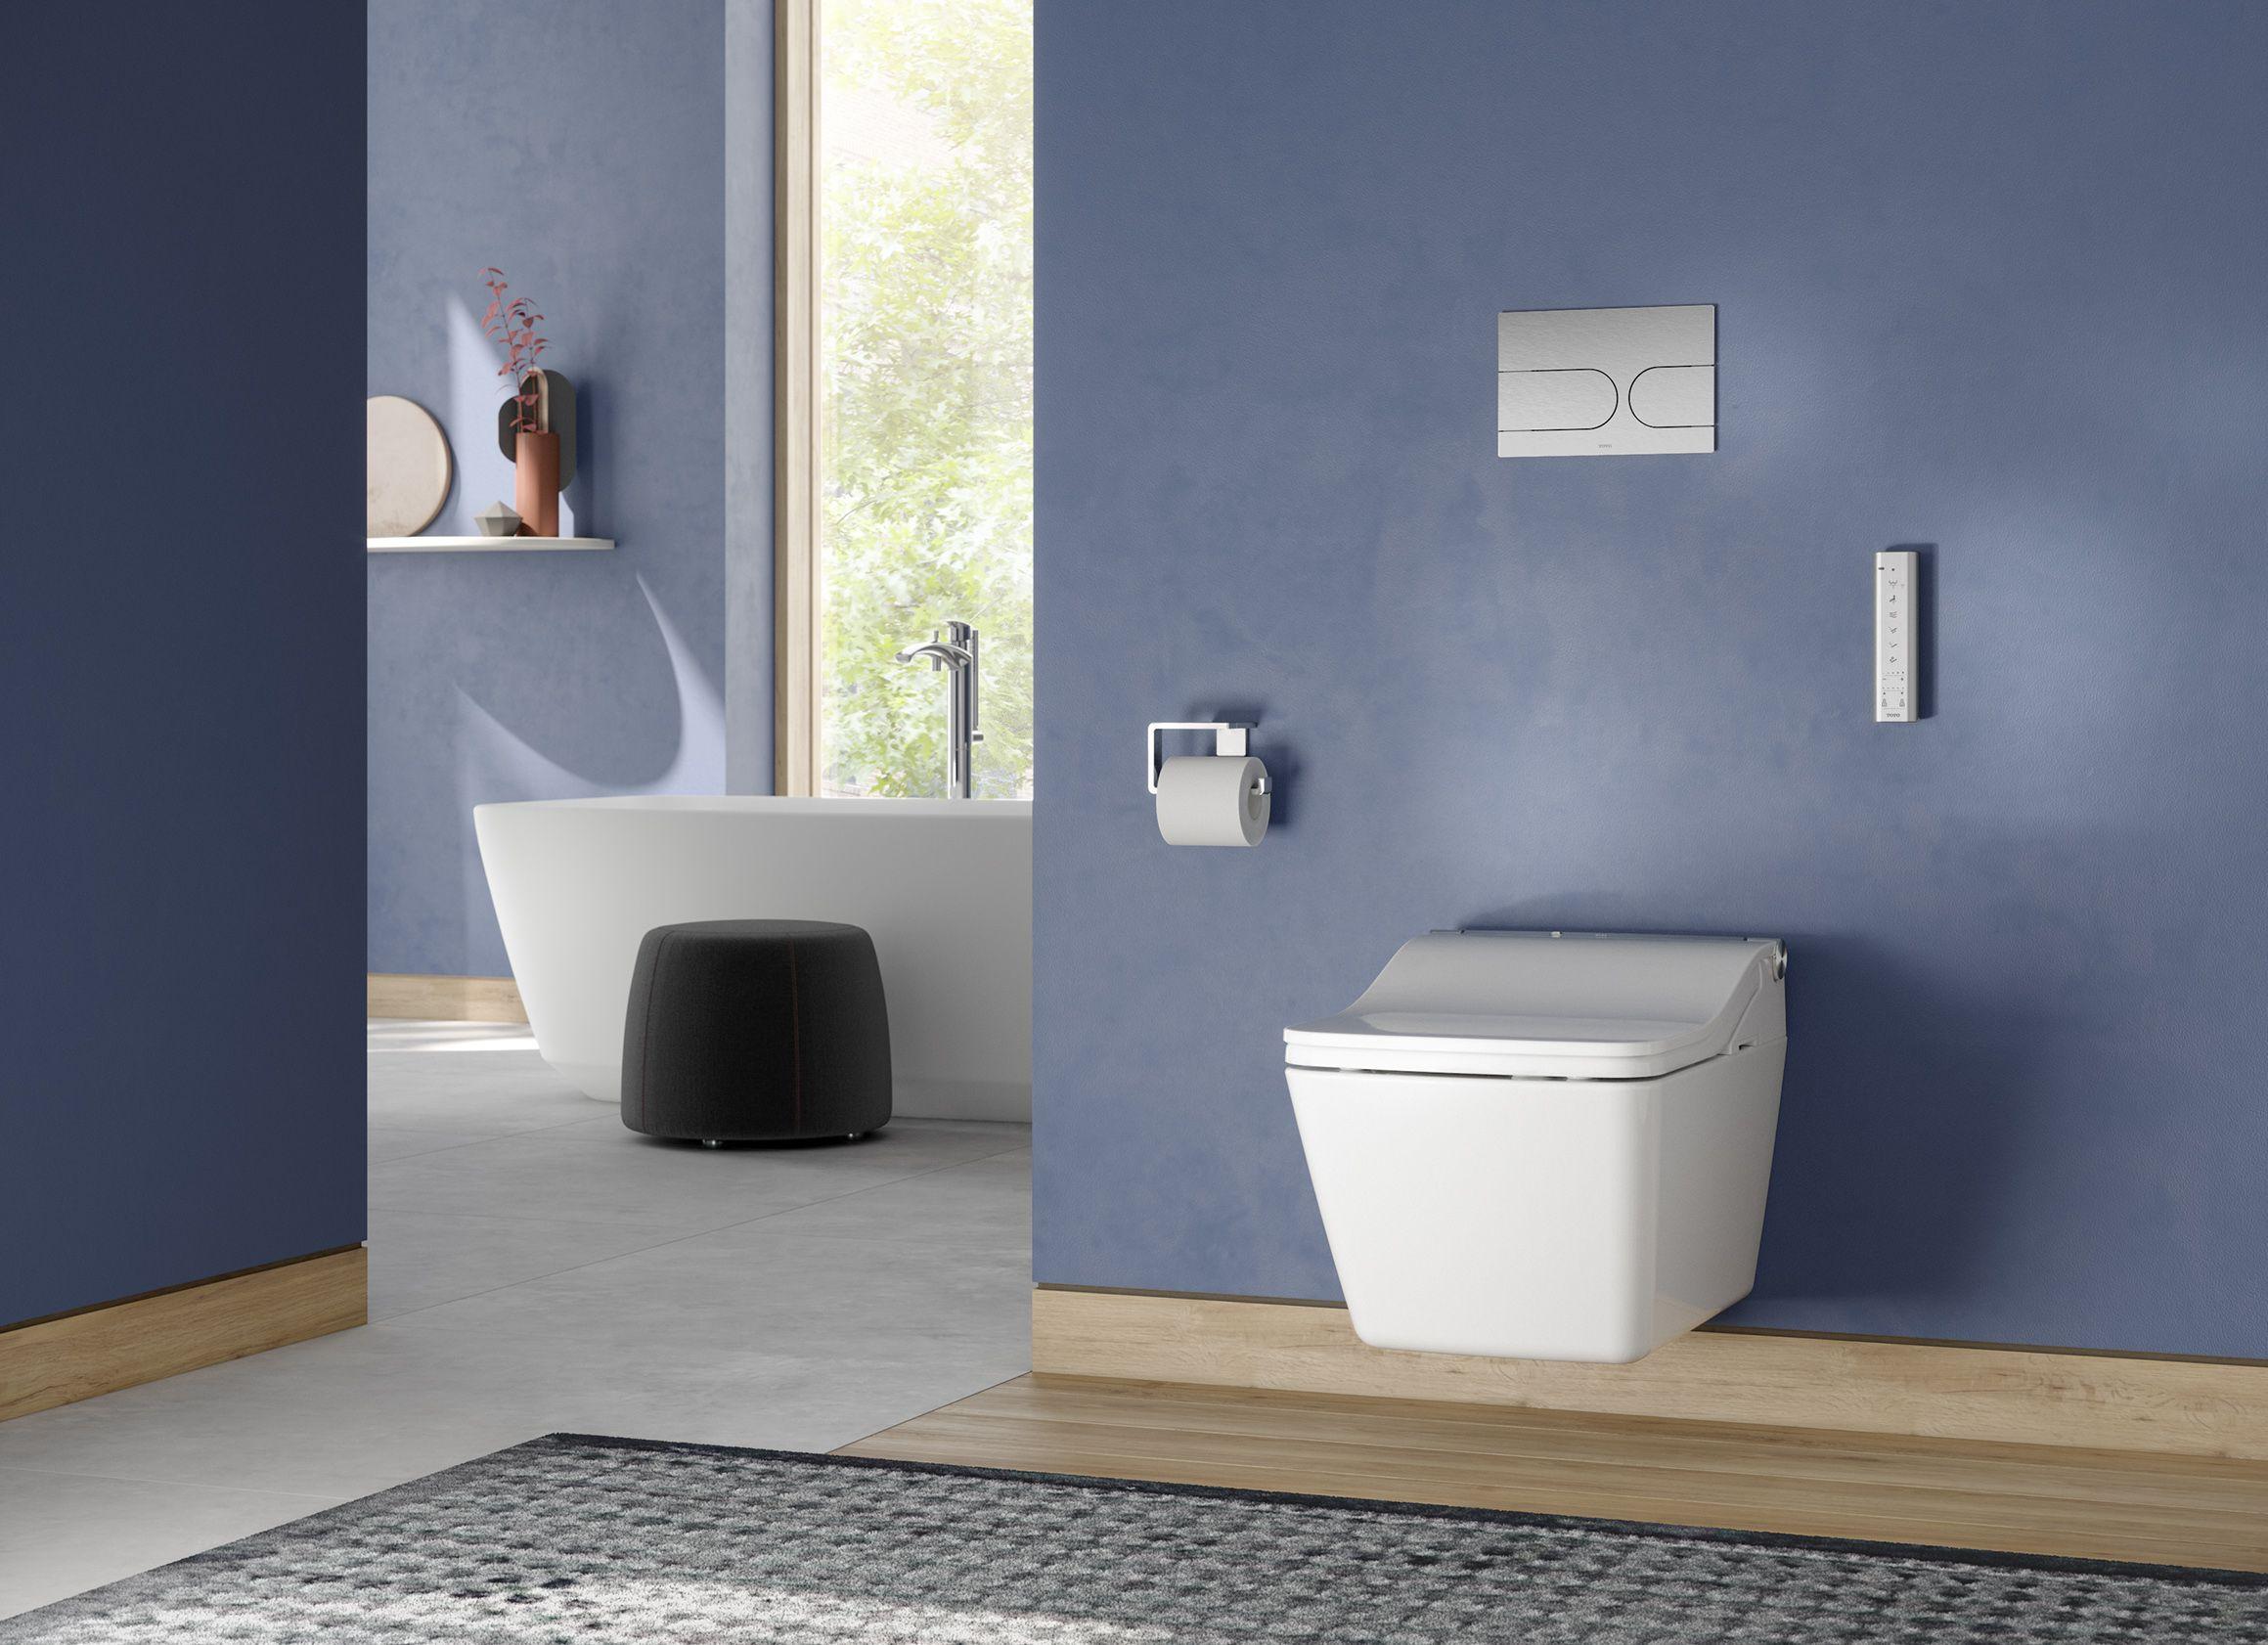 Komplett Set Toto Washlet Sw Automatische Spulung Toto Wc Sp Toto Spulkasten In 2020 Wc Mit Dusche Kasten Dusche